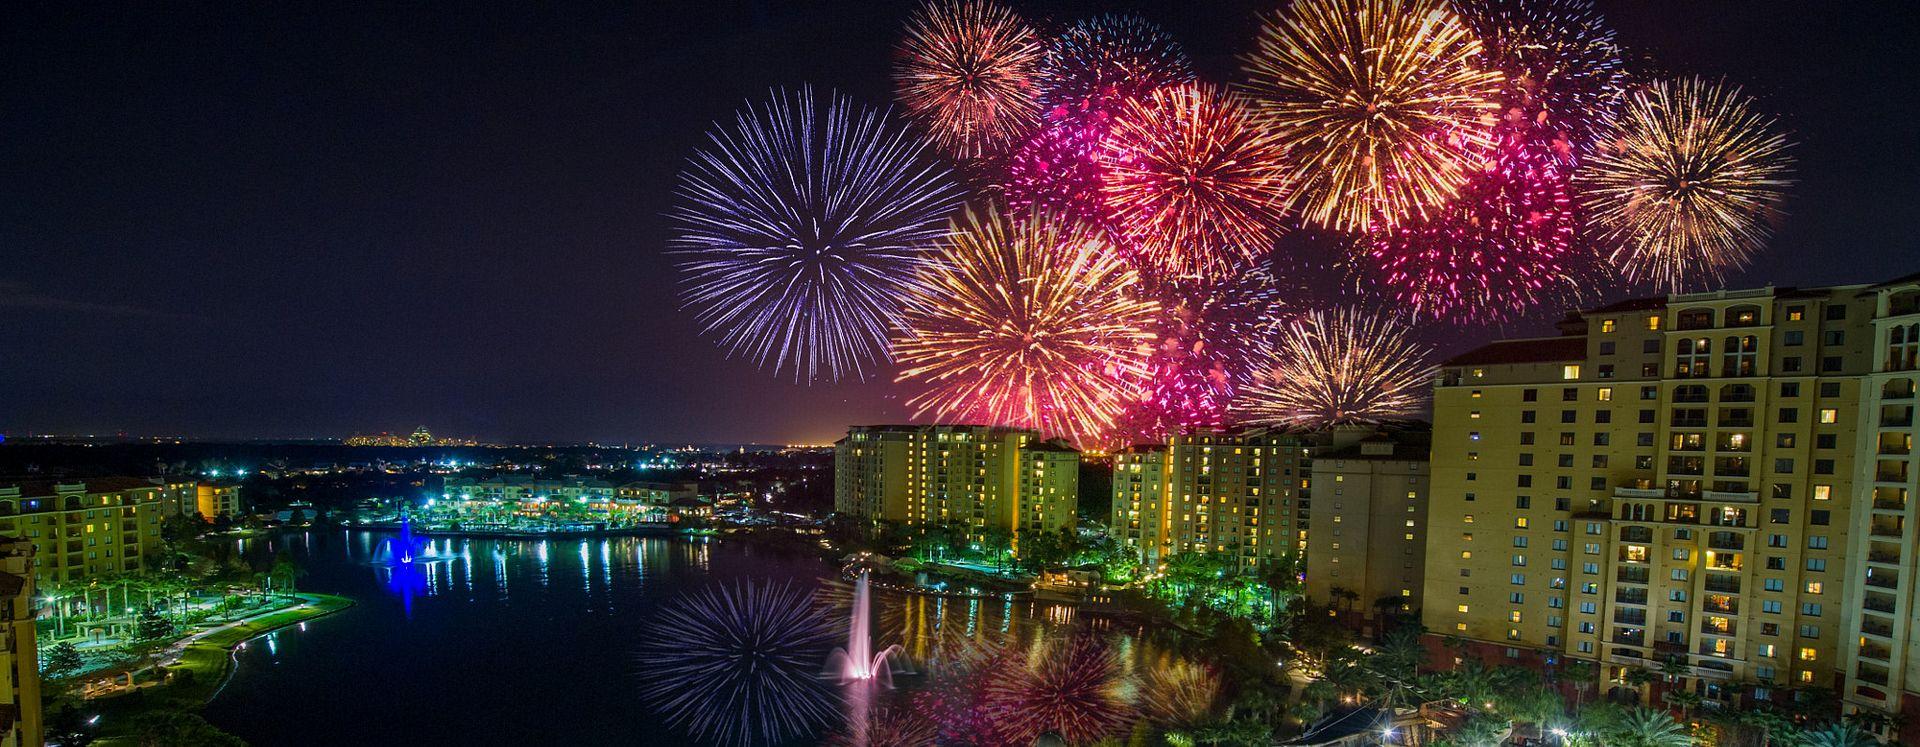 Fuegos artificiales Wyndham Grand Orlando Resort Bonnet Creek hotel noche